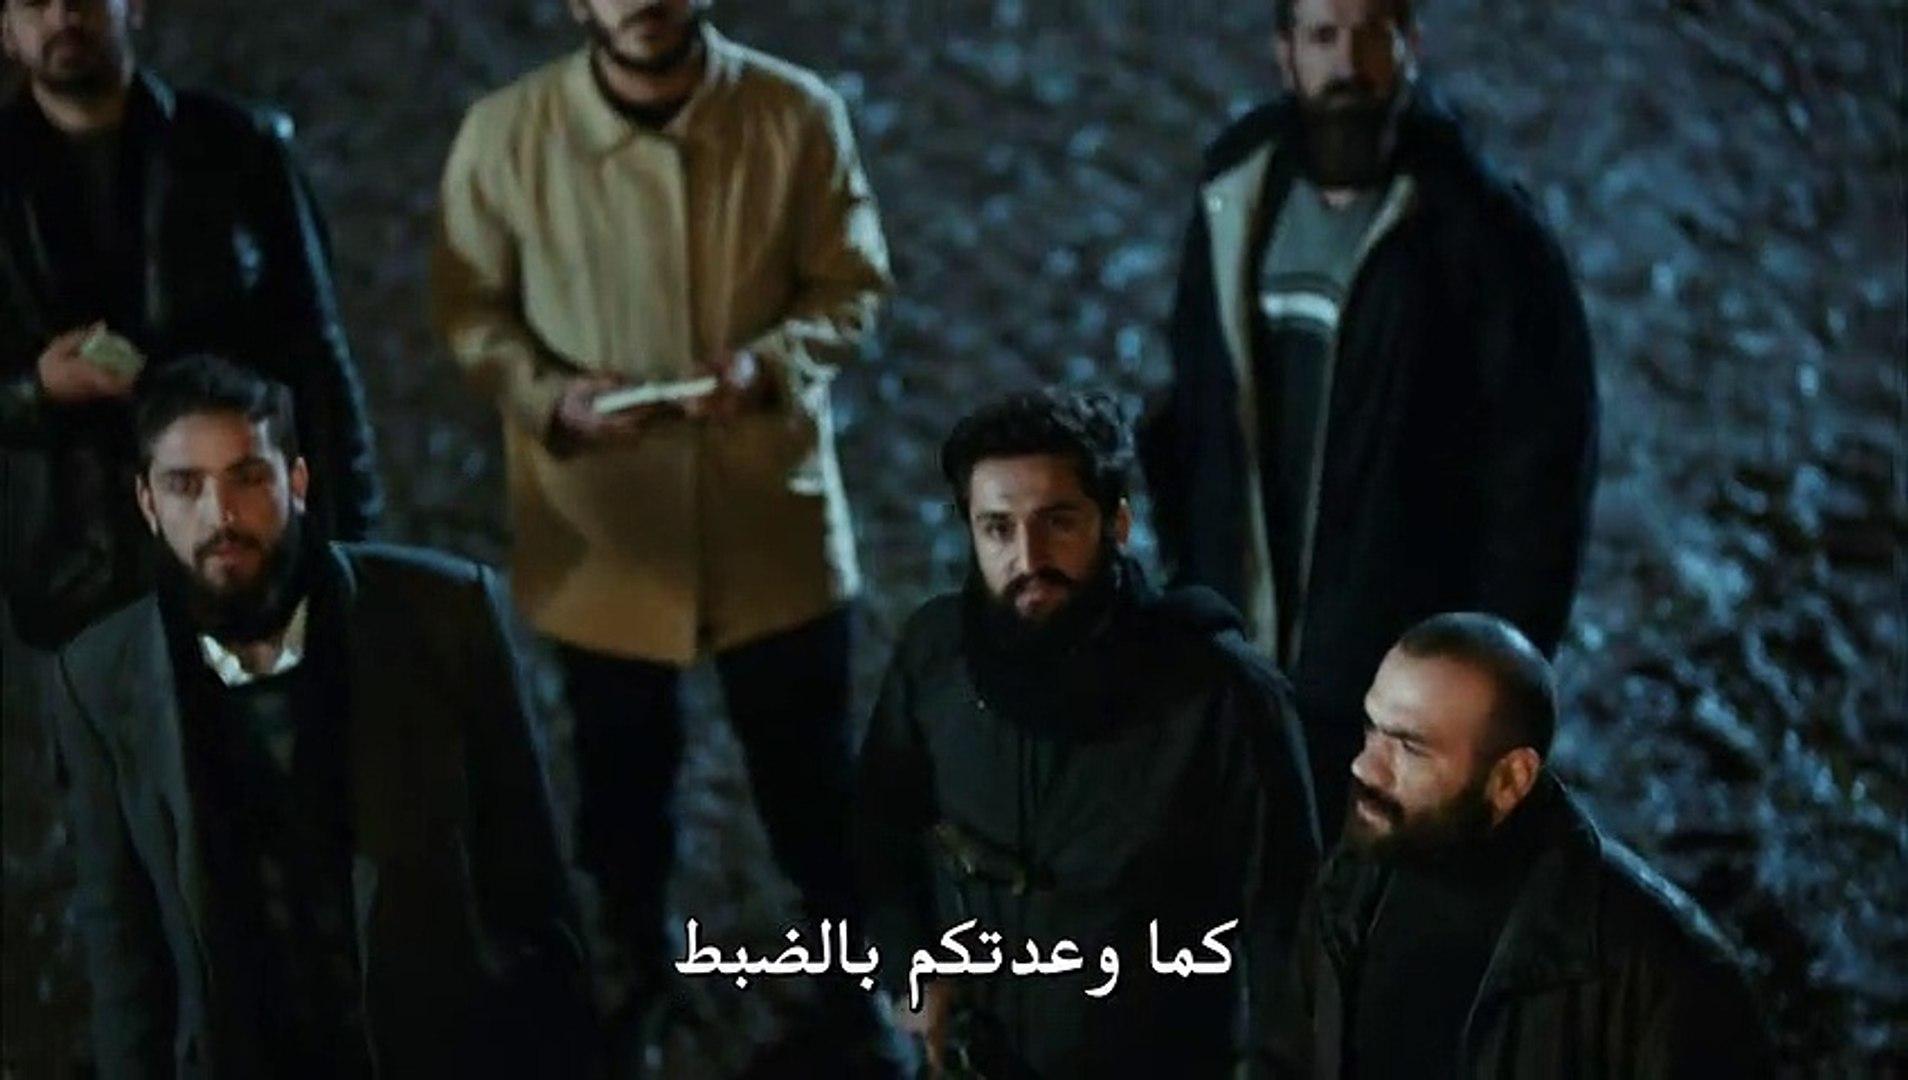 مسلسل العهد الموسم الثاني الحلقة 35 كاملة القسم 3 مترجمة للعربية